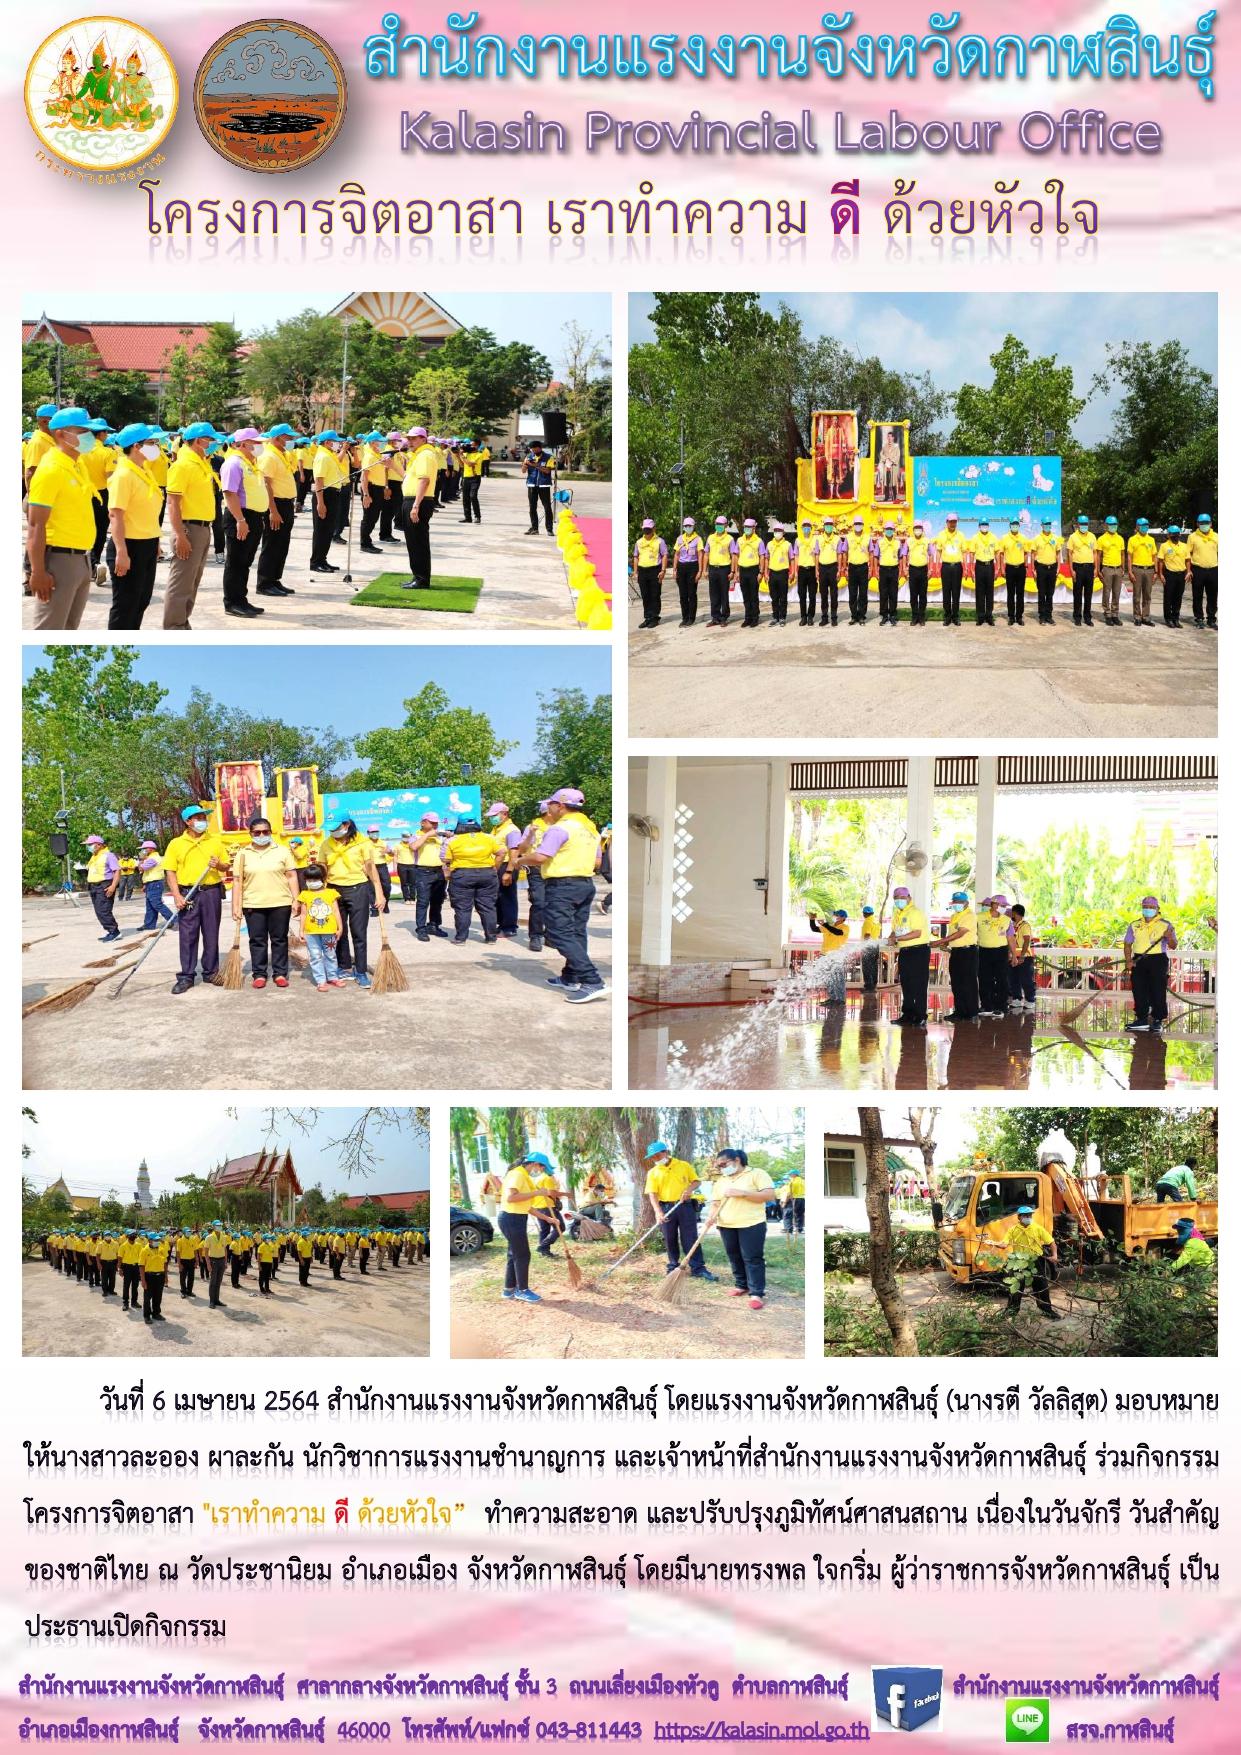 """สำนักงานแรงงานจังหวัดกาฬสินธุ์ ร่วมกิจกรรมโครงการจิตอาสา """"เราทำความ ดี ด้วยหัวใจ"""" ทำความสะอาด และปรับปรุงภูมิทัศน์ศาสนสถาน เนื่องในวันจักรี วันสำคัญของชาติไทย"""